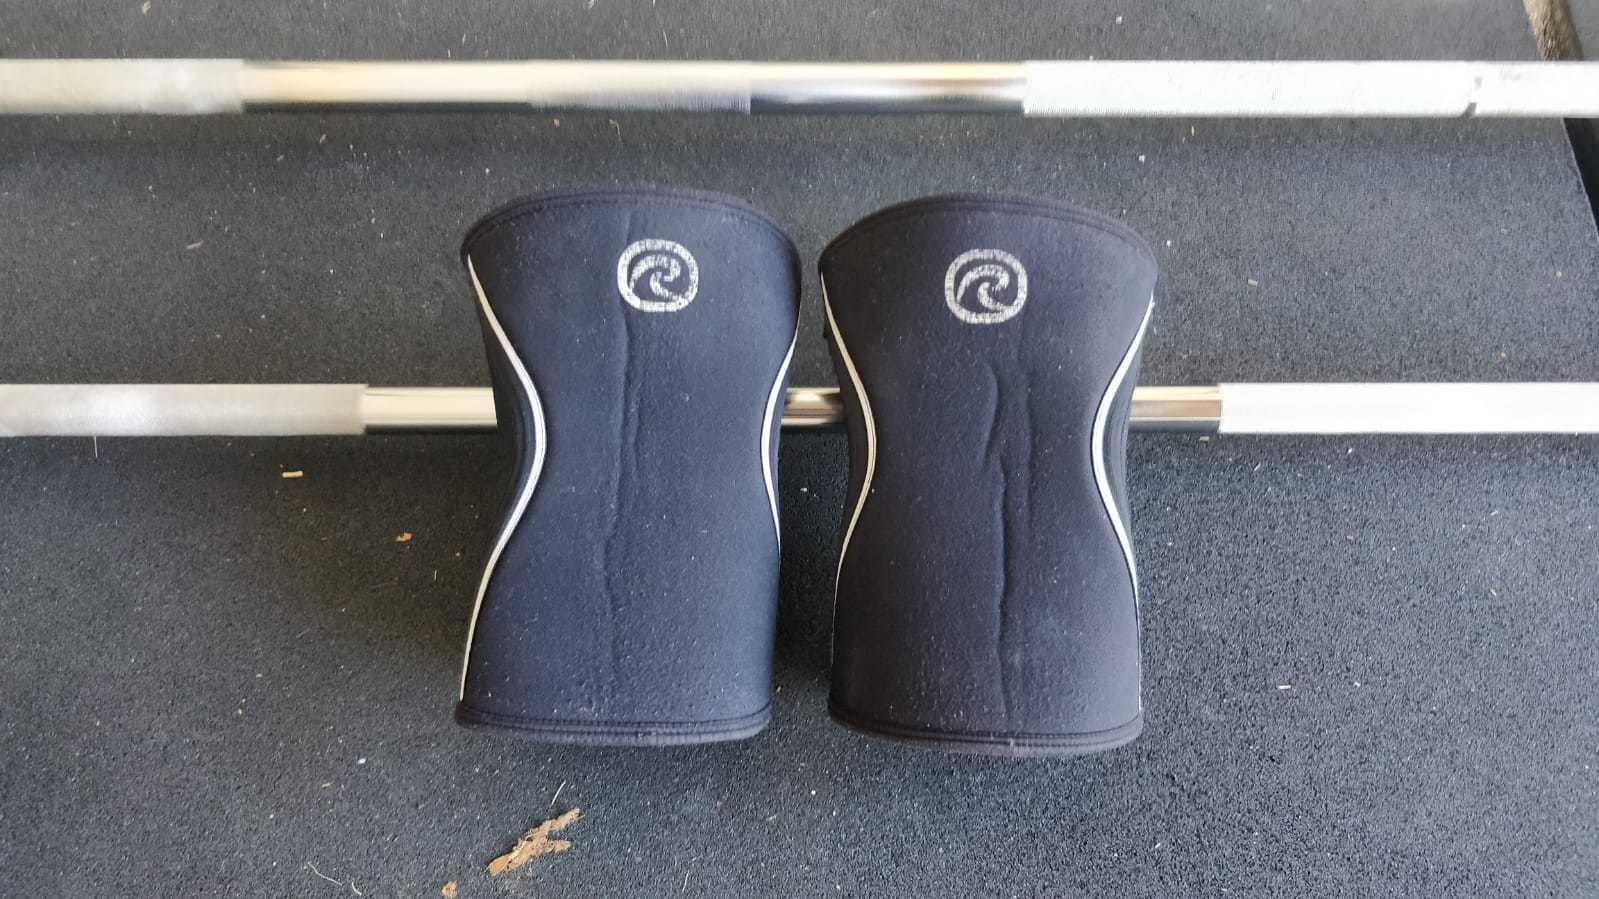 Rehband Knee Sleeves 5mm vs 7mm